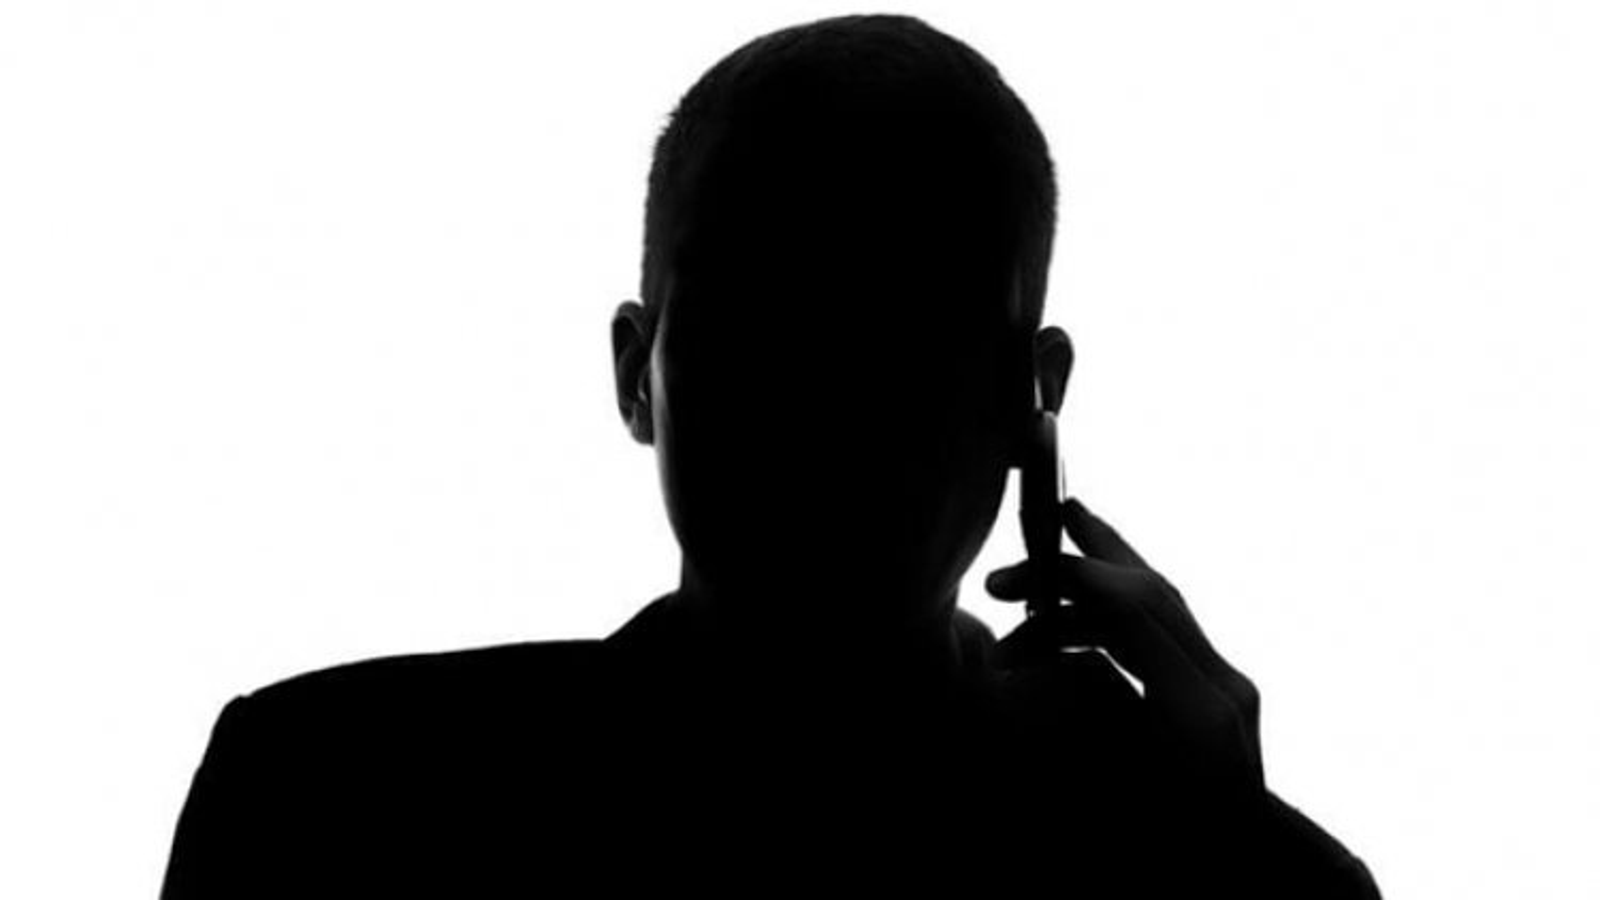 """Mạo danh """"cơ quan điều tra"""" để chiếm đoạt tài sản: Vì sao nhiều người sập bẫy?"""